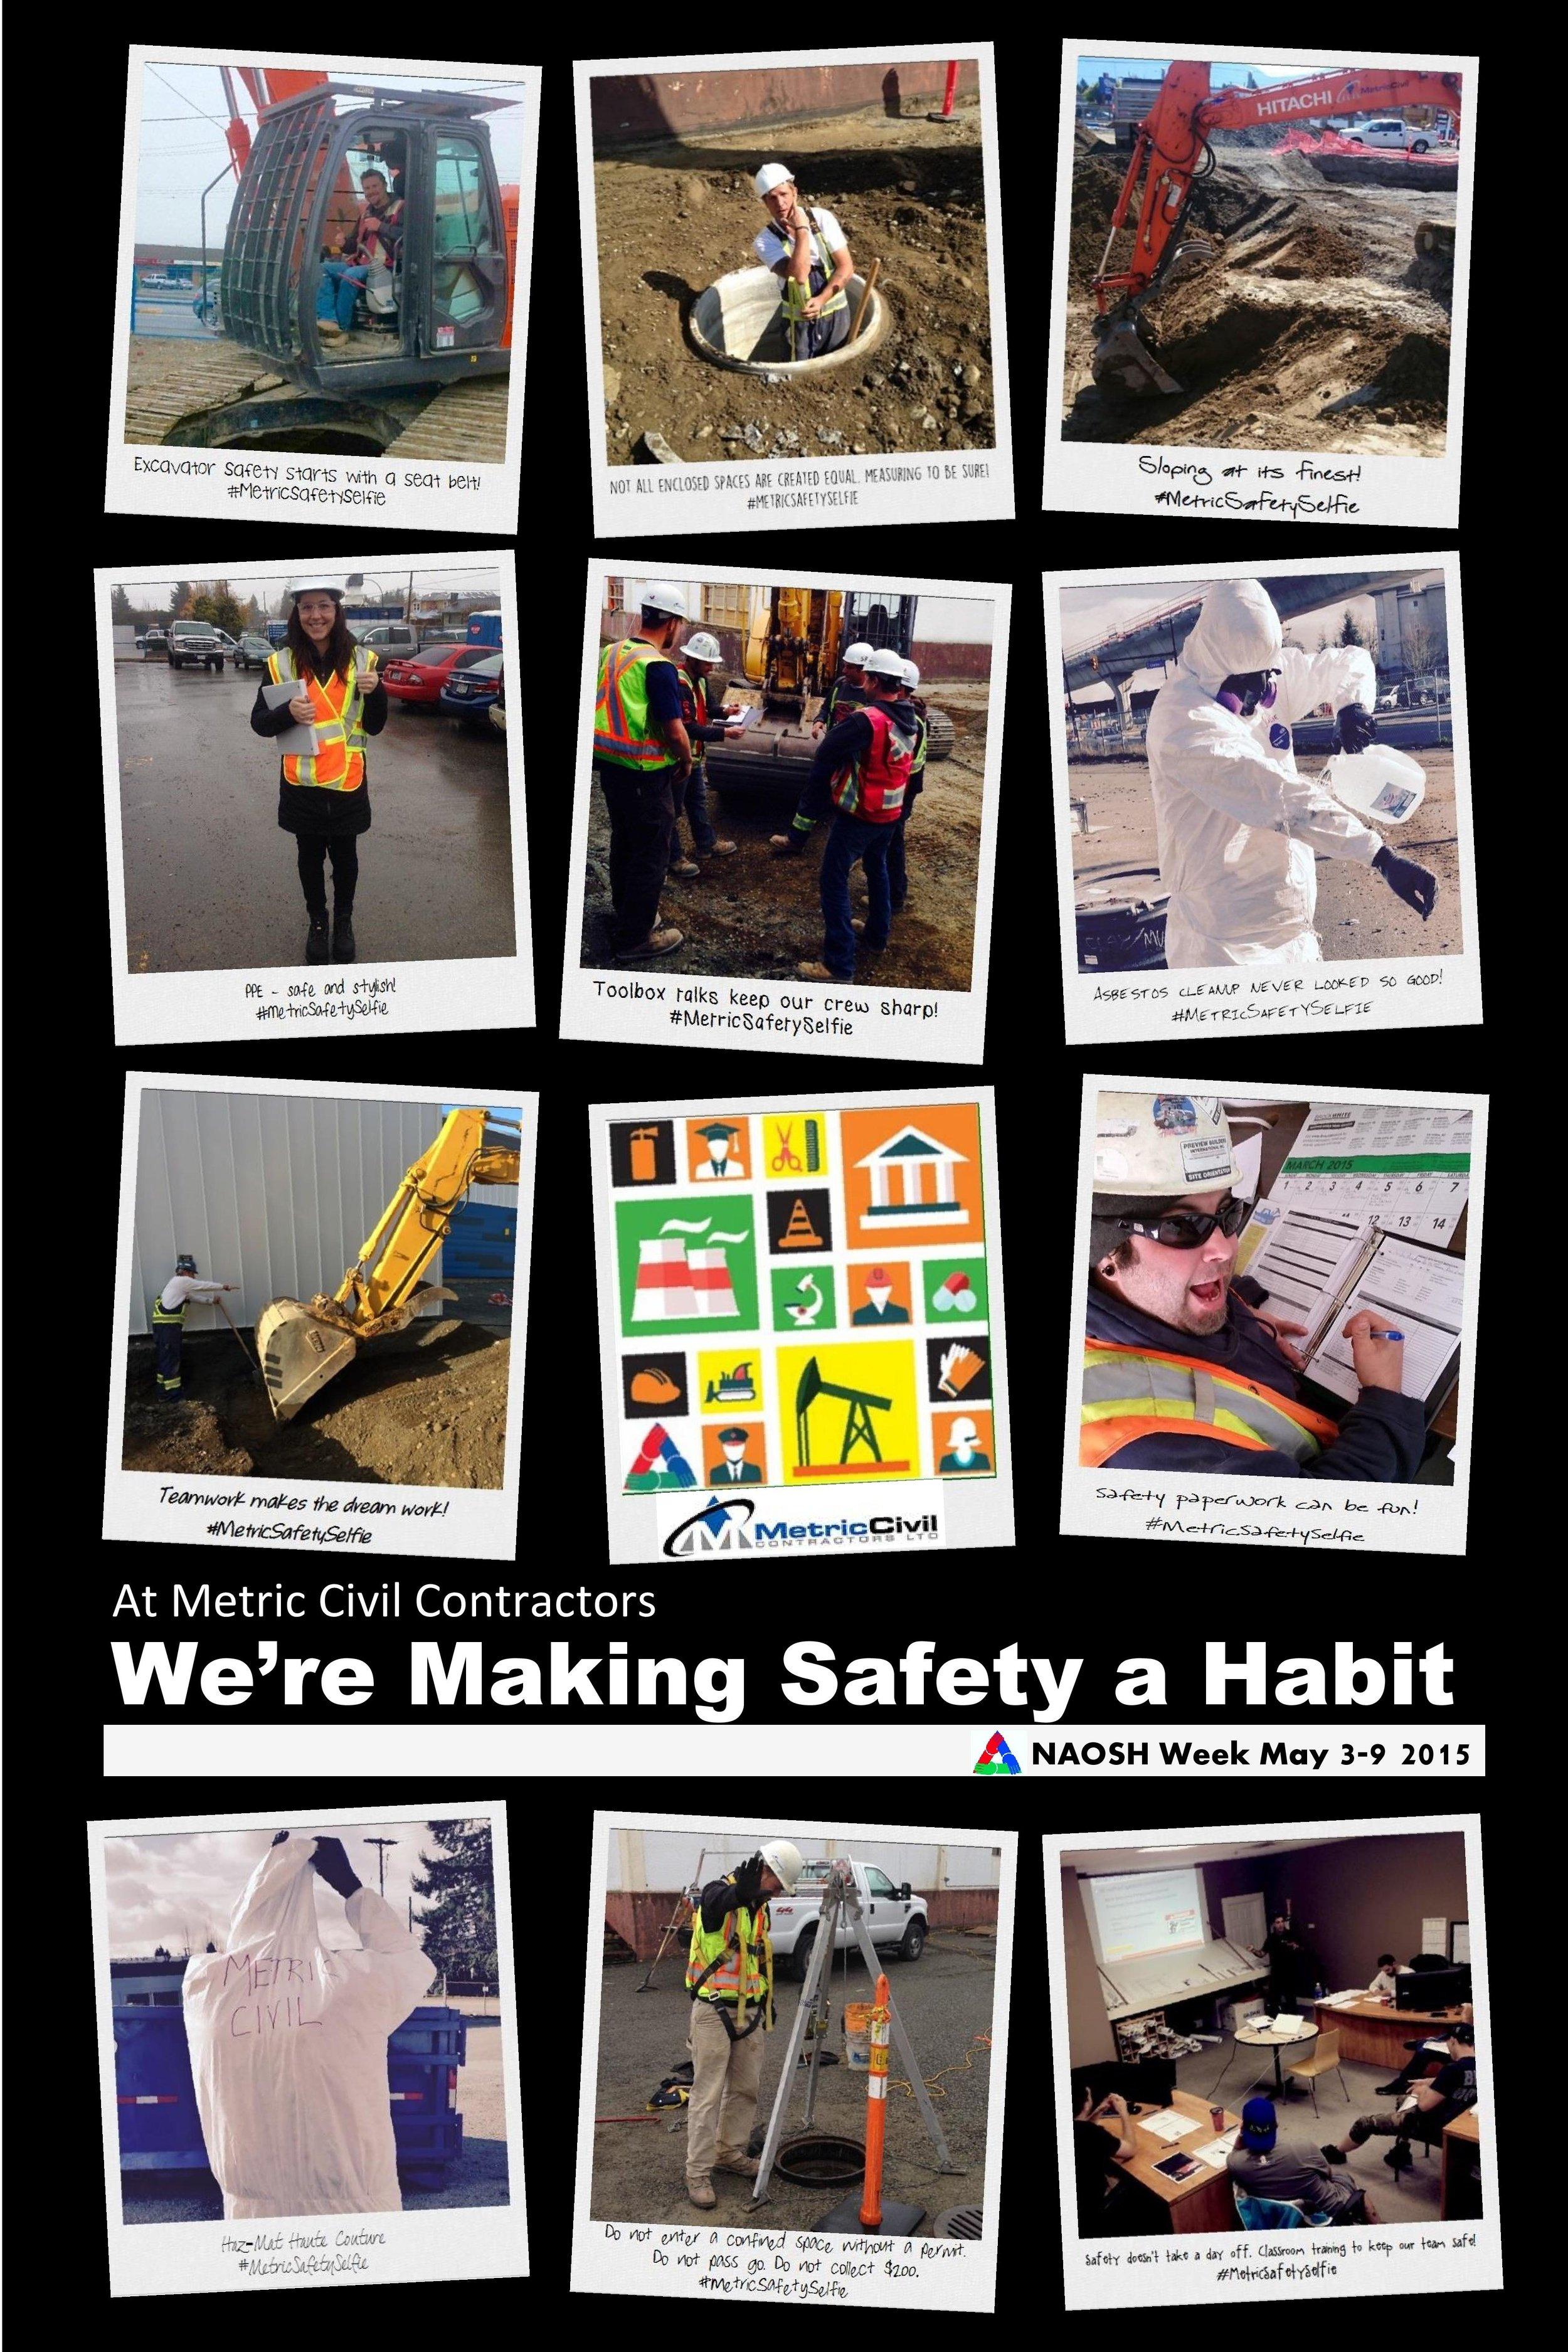 naosh week poster-metric2-page-001.jpg